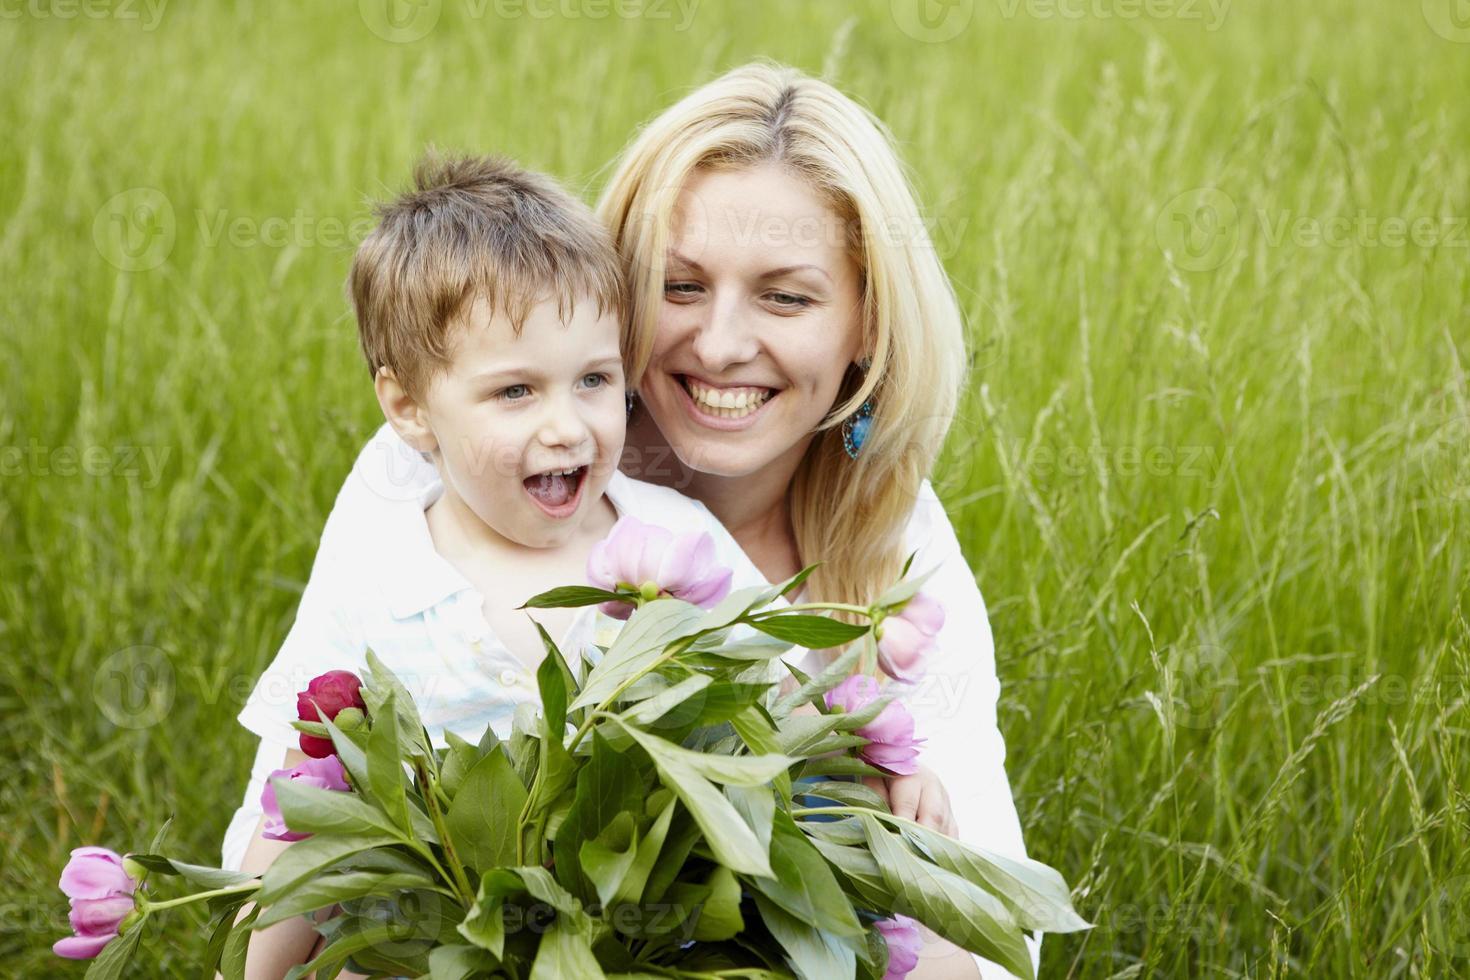 ao ar livre no parque mãe e filho foto